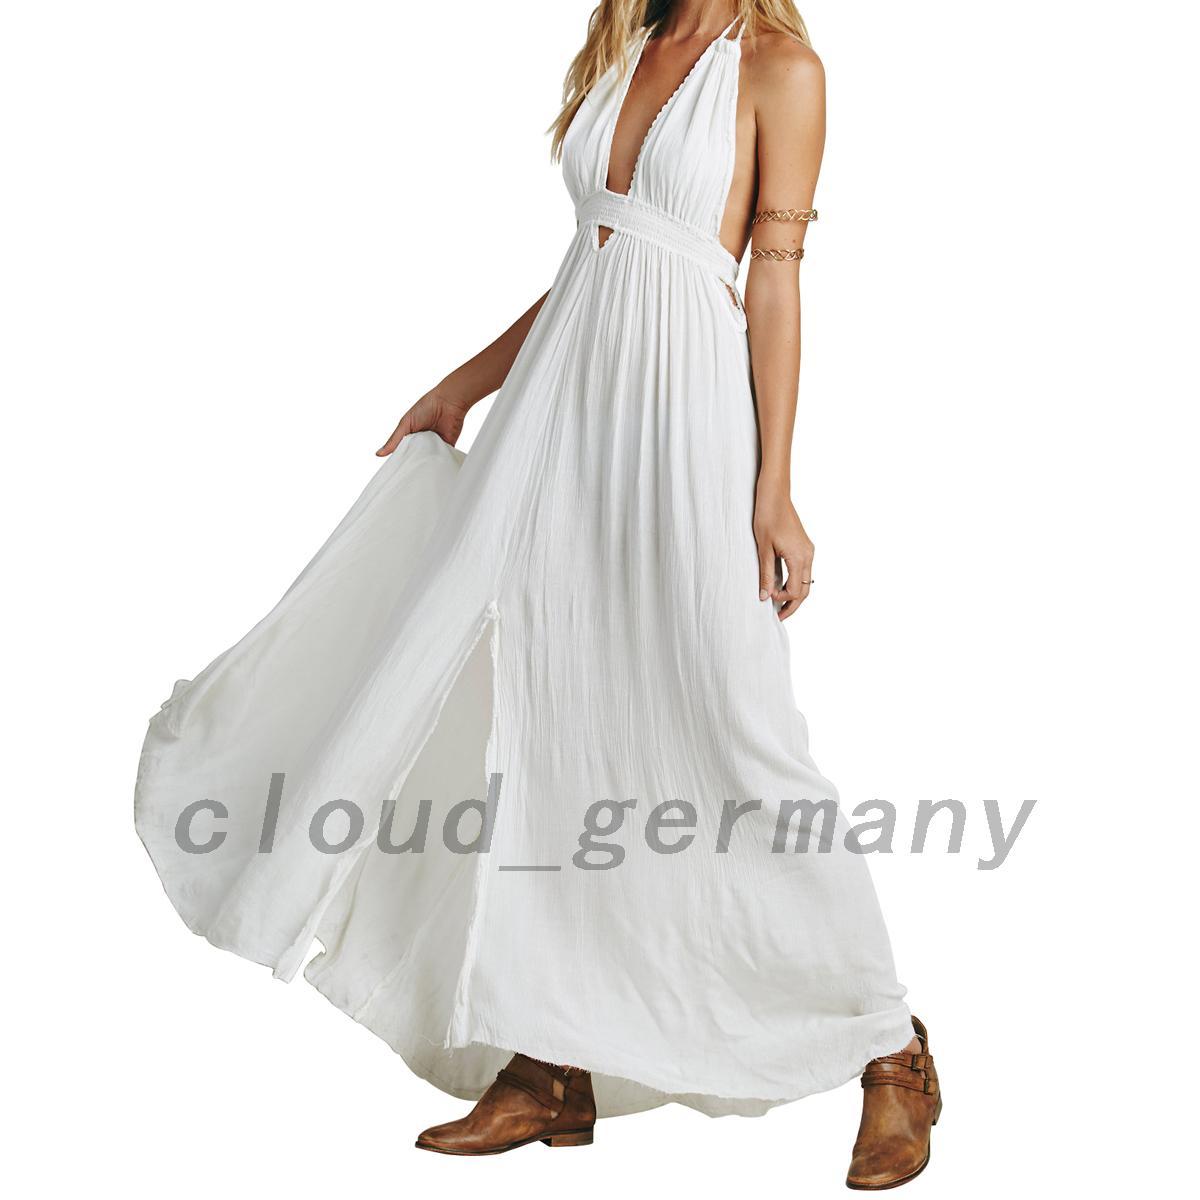 r ckenfrei kleid damen elegant hochzeit wickelkleid strandkleid lange rock ebay. Black Bedroom Furniture Sets. Home Design Ideas